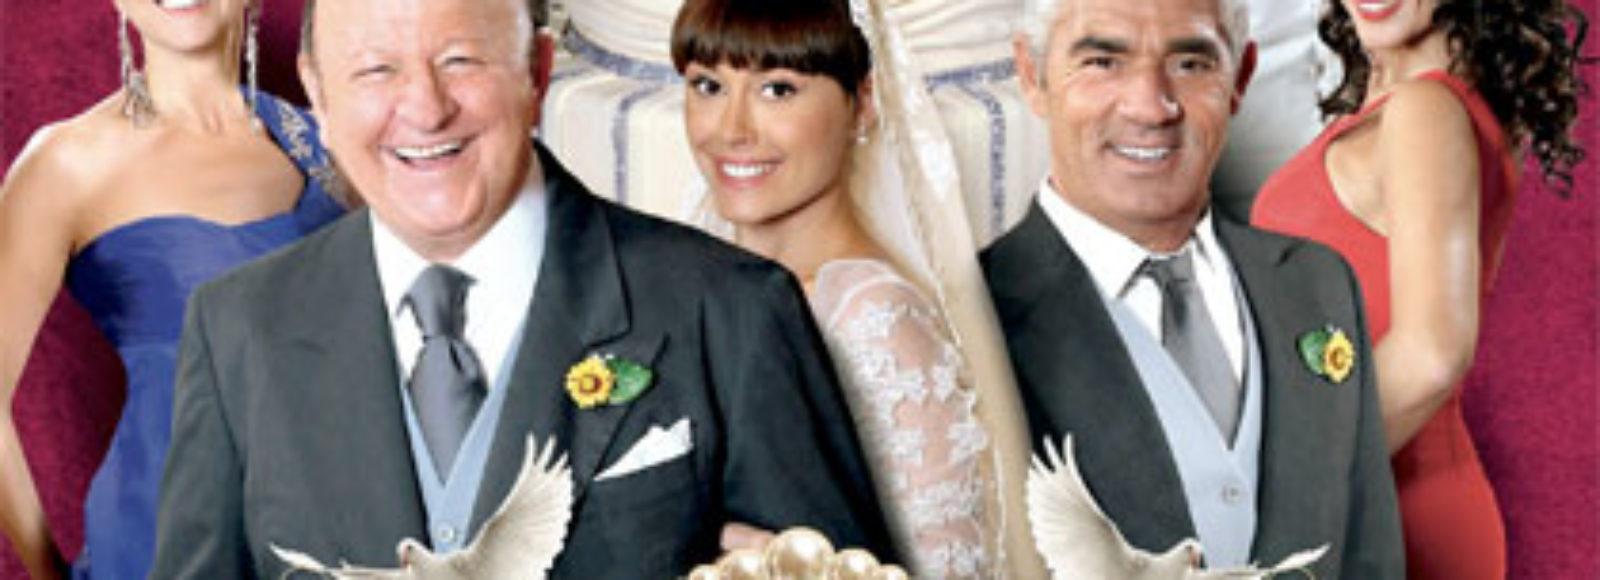 Matrimonio al sud manifesto